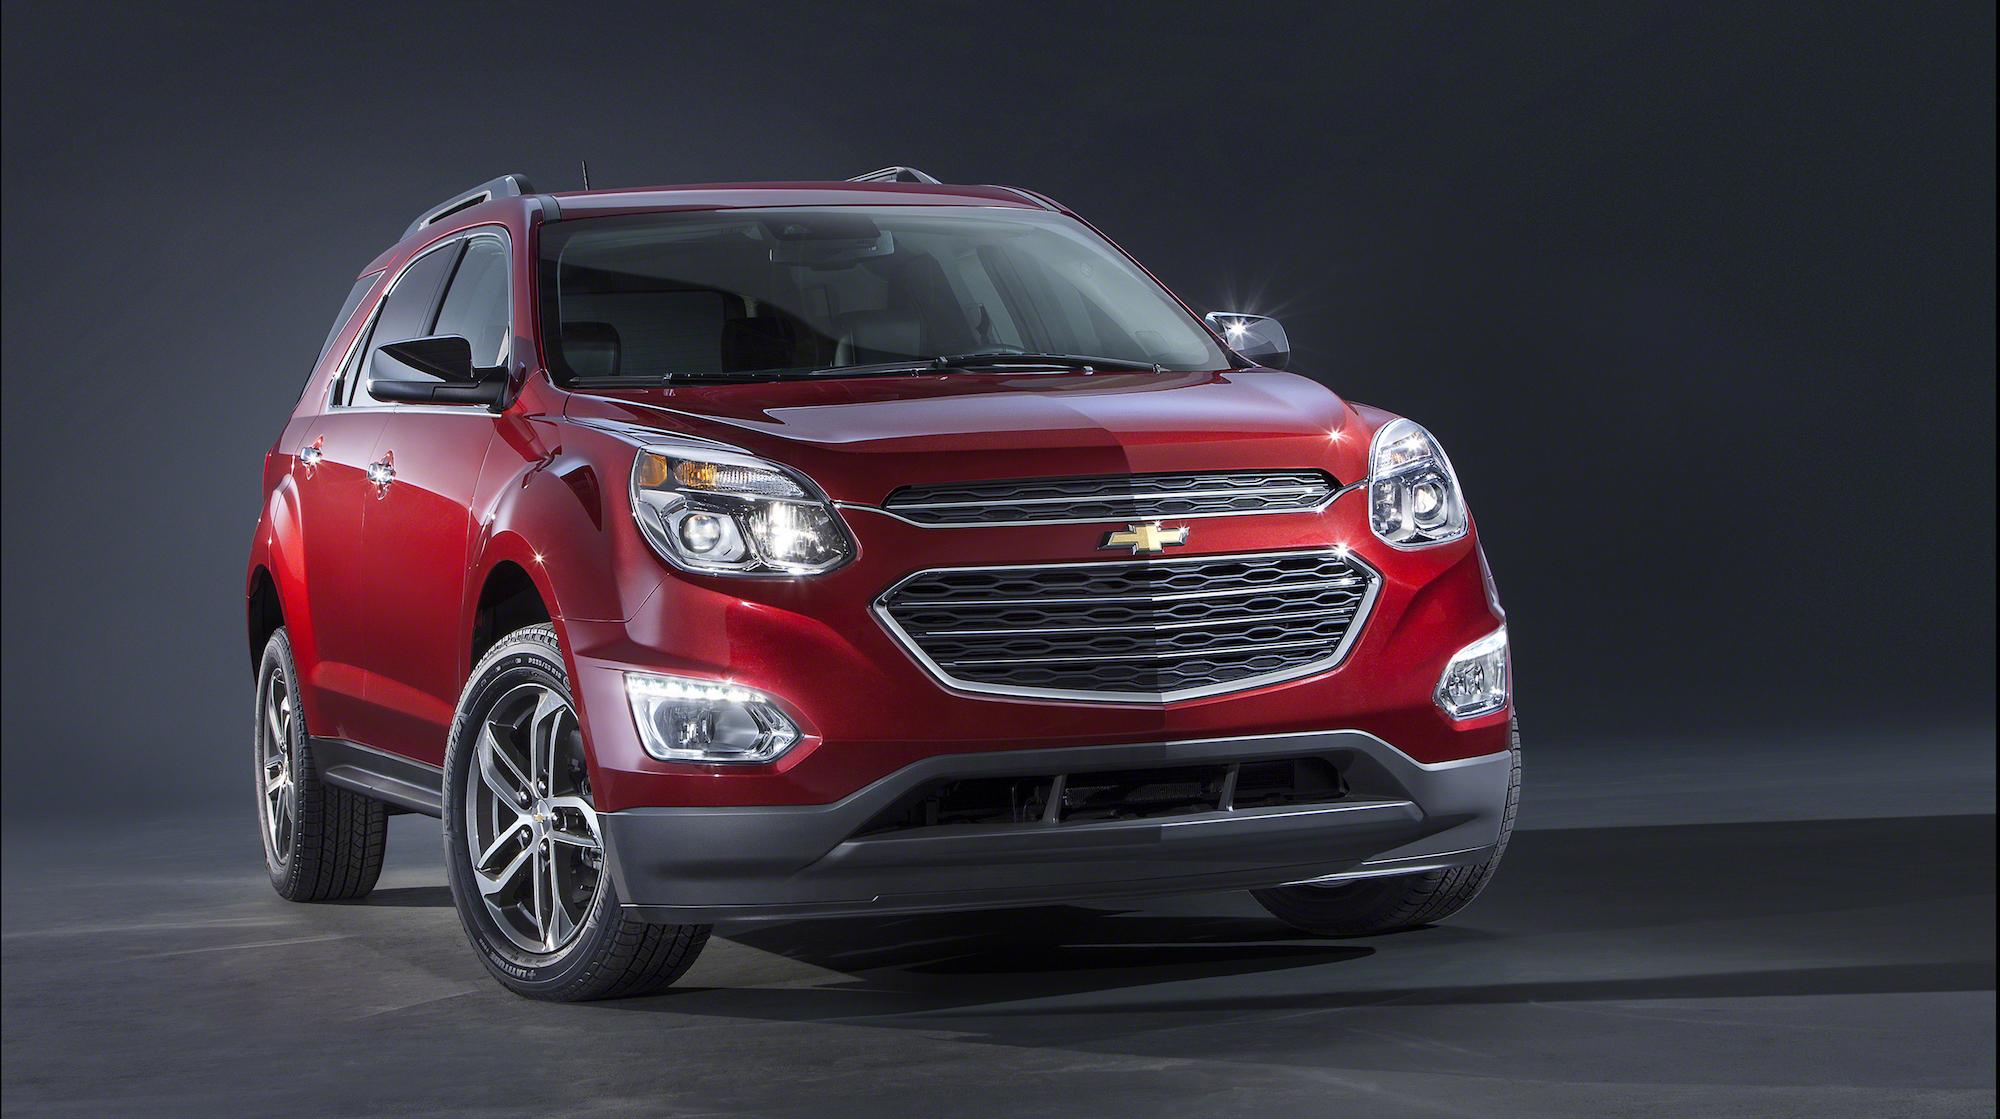 2016 Chevrolet Equinox Unveiled: 2015 Chicago Auto Show